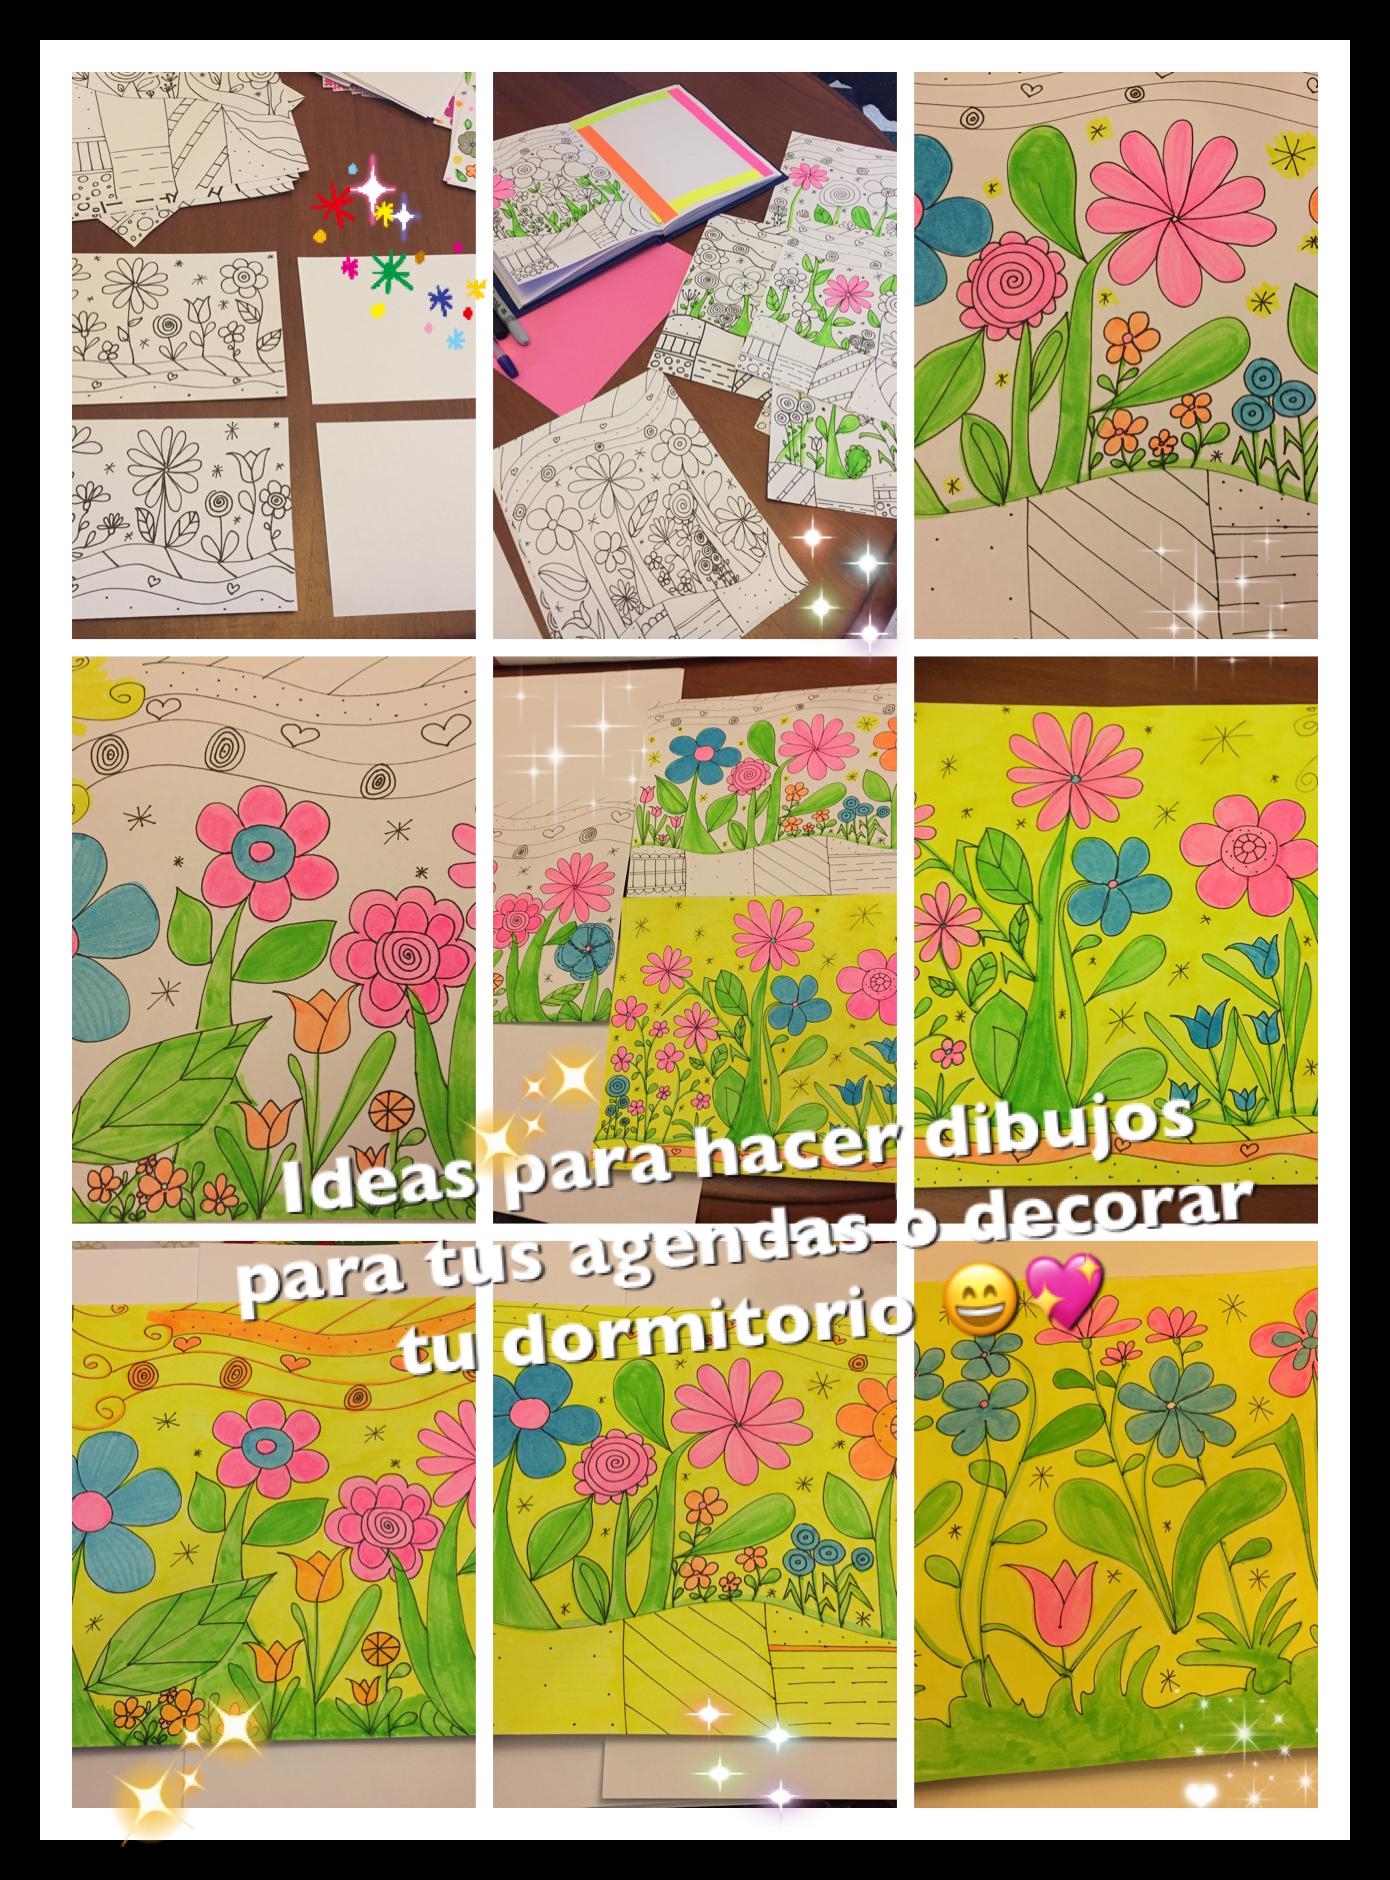 Dibujos para enmarcar y decorar paredes de dormitorio de las peques ...